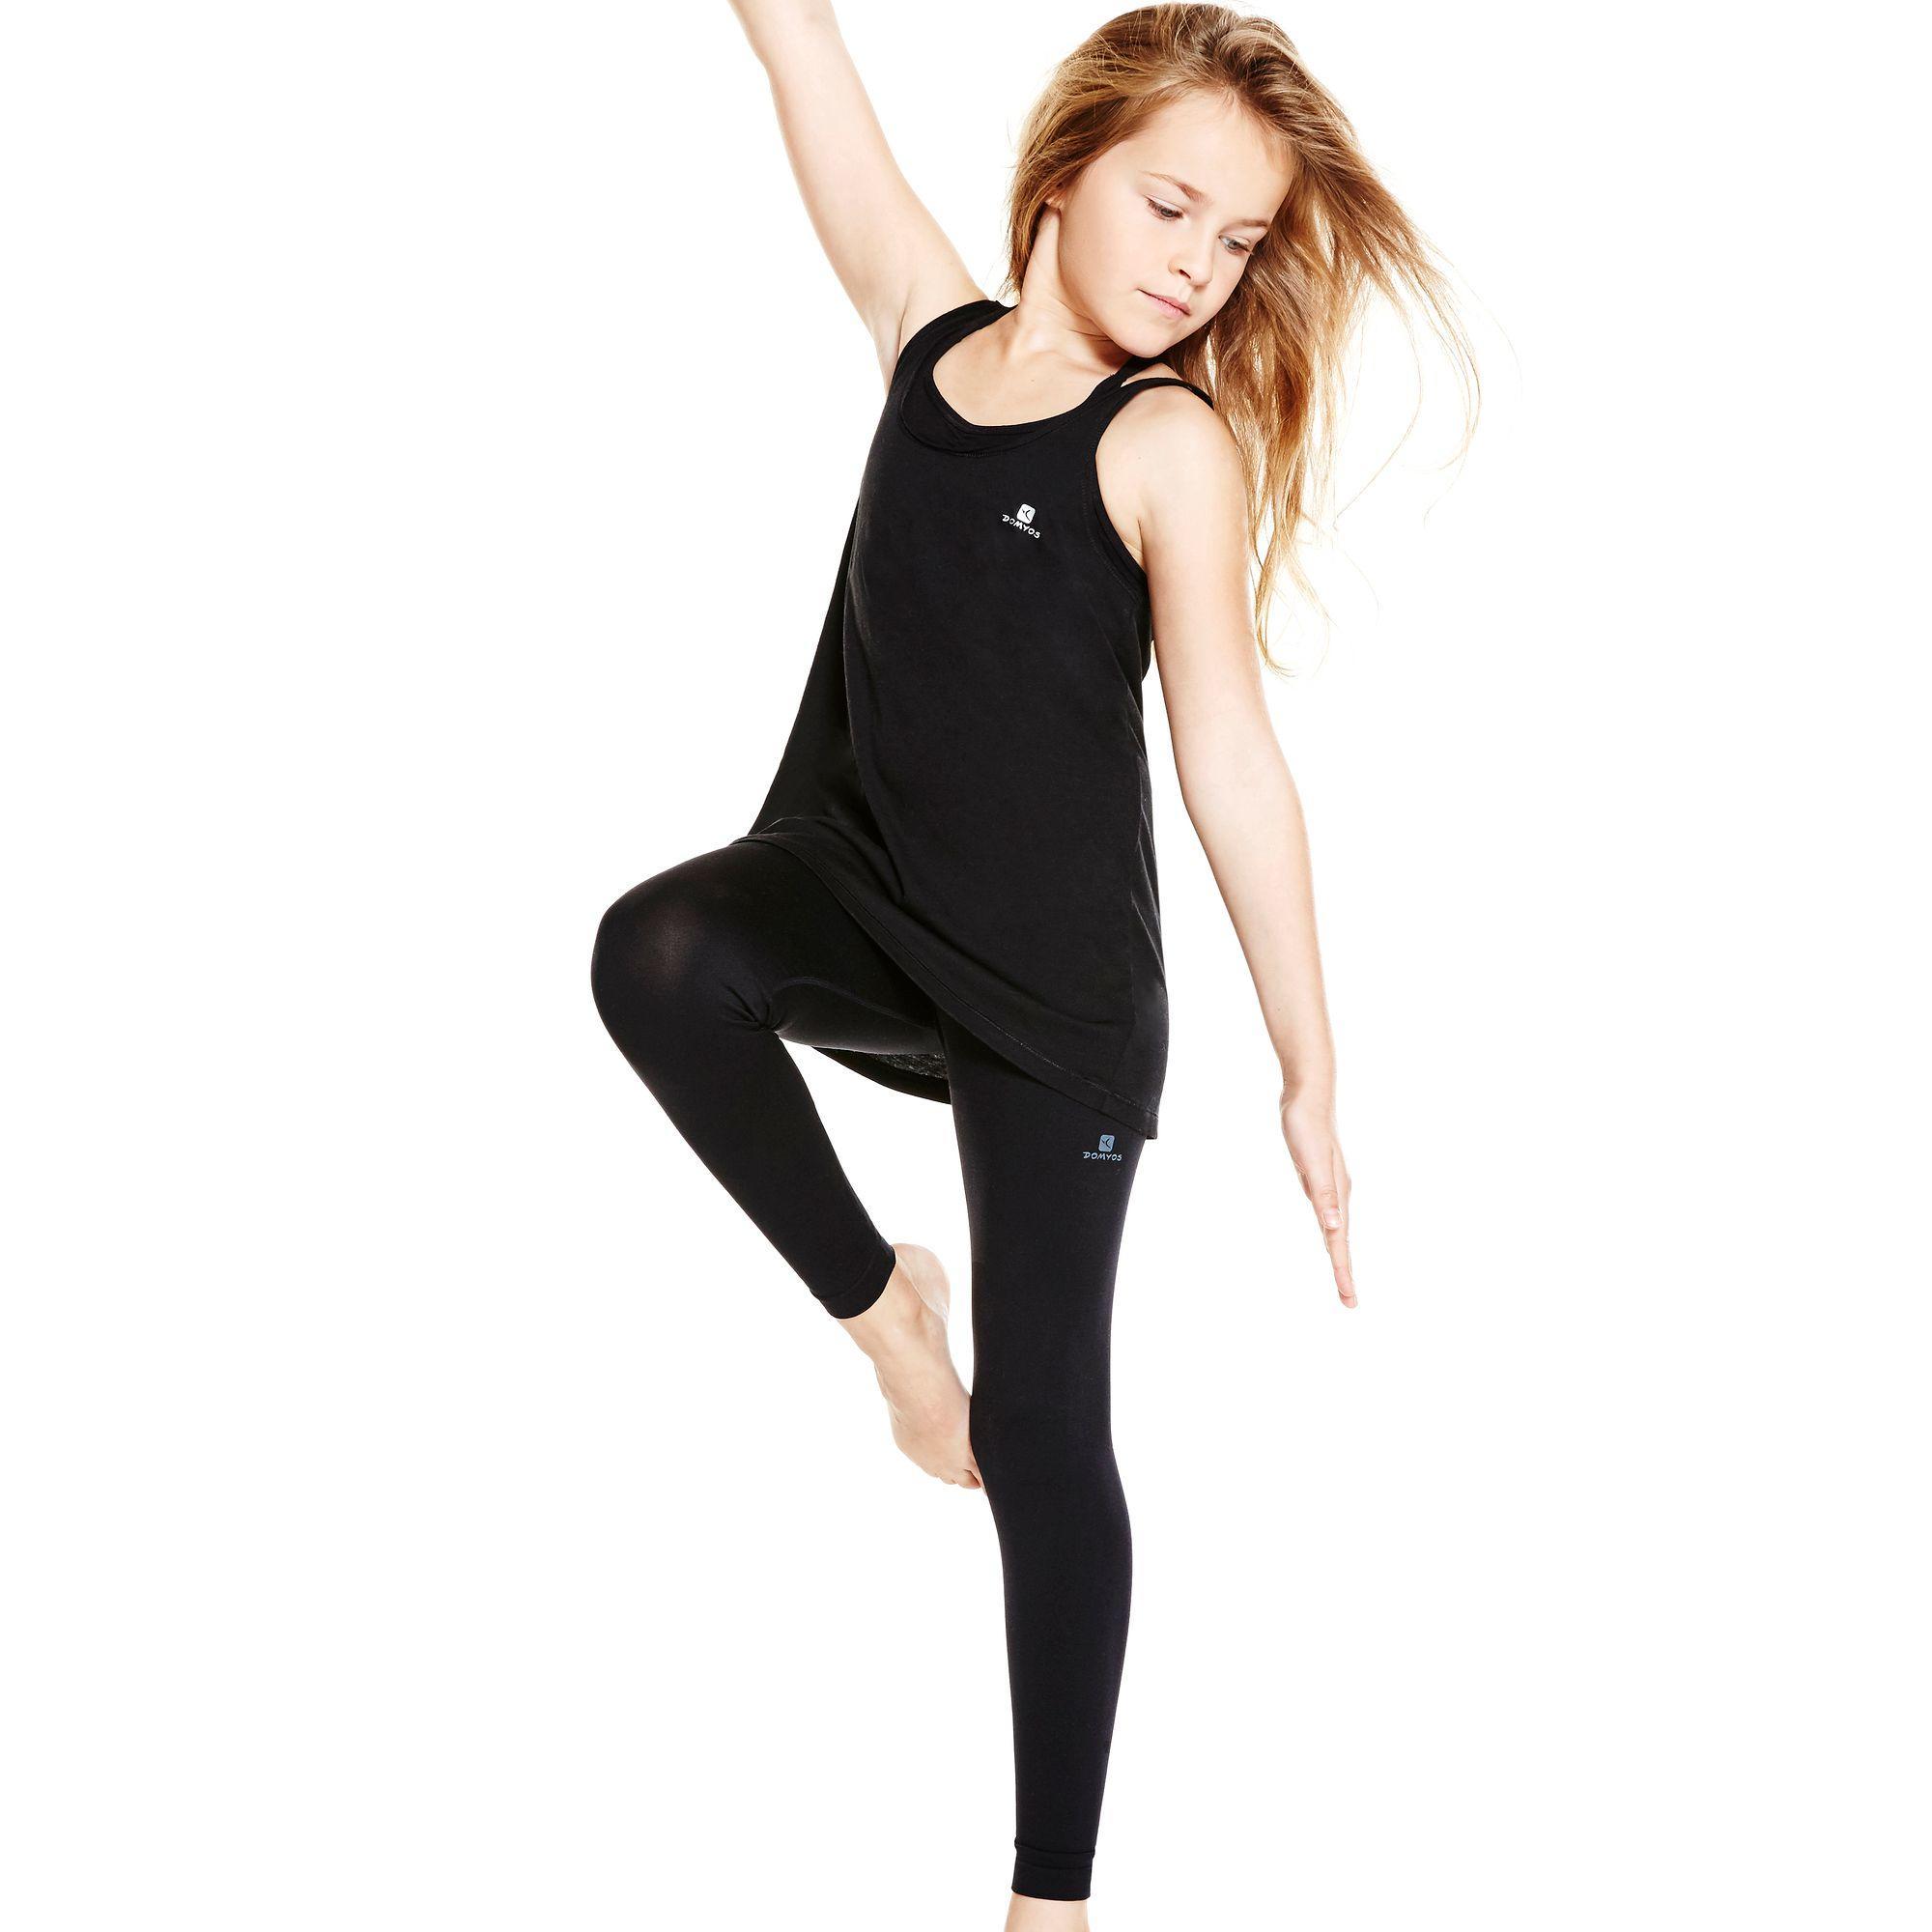 Girls' Dance Leggings - Black